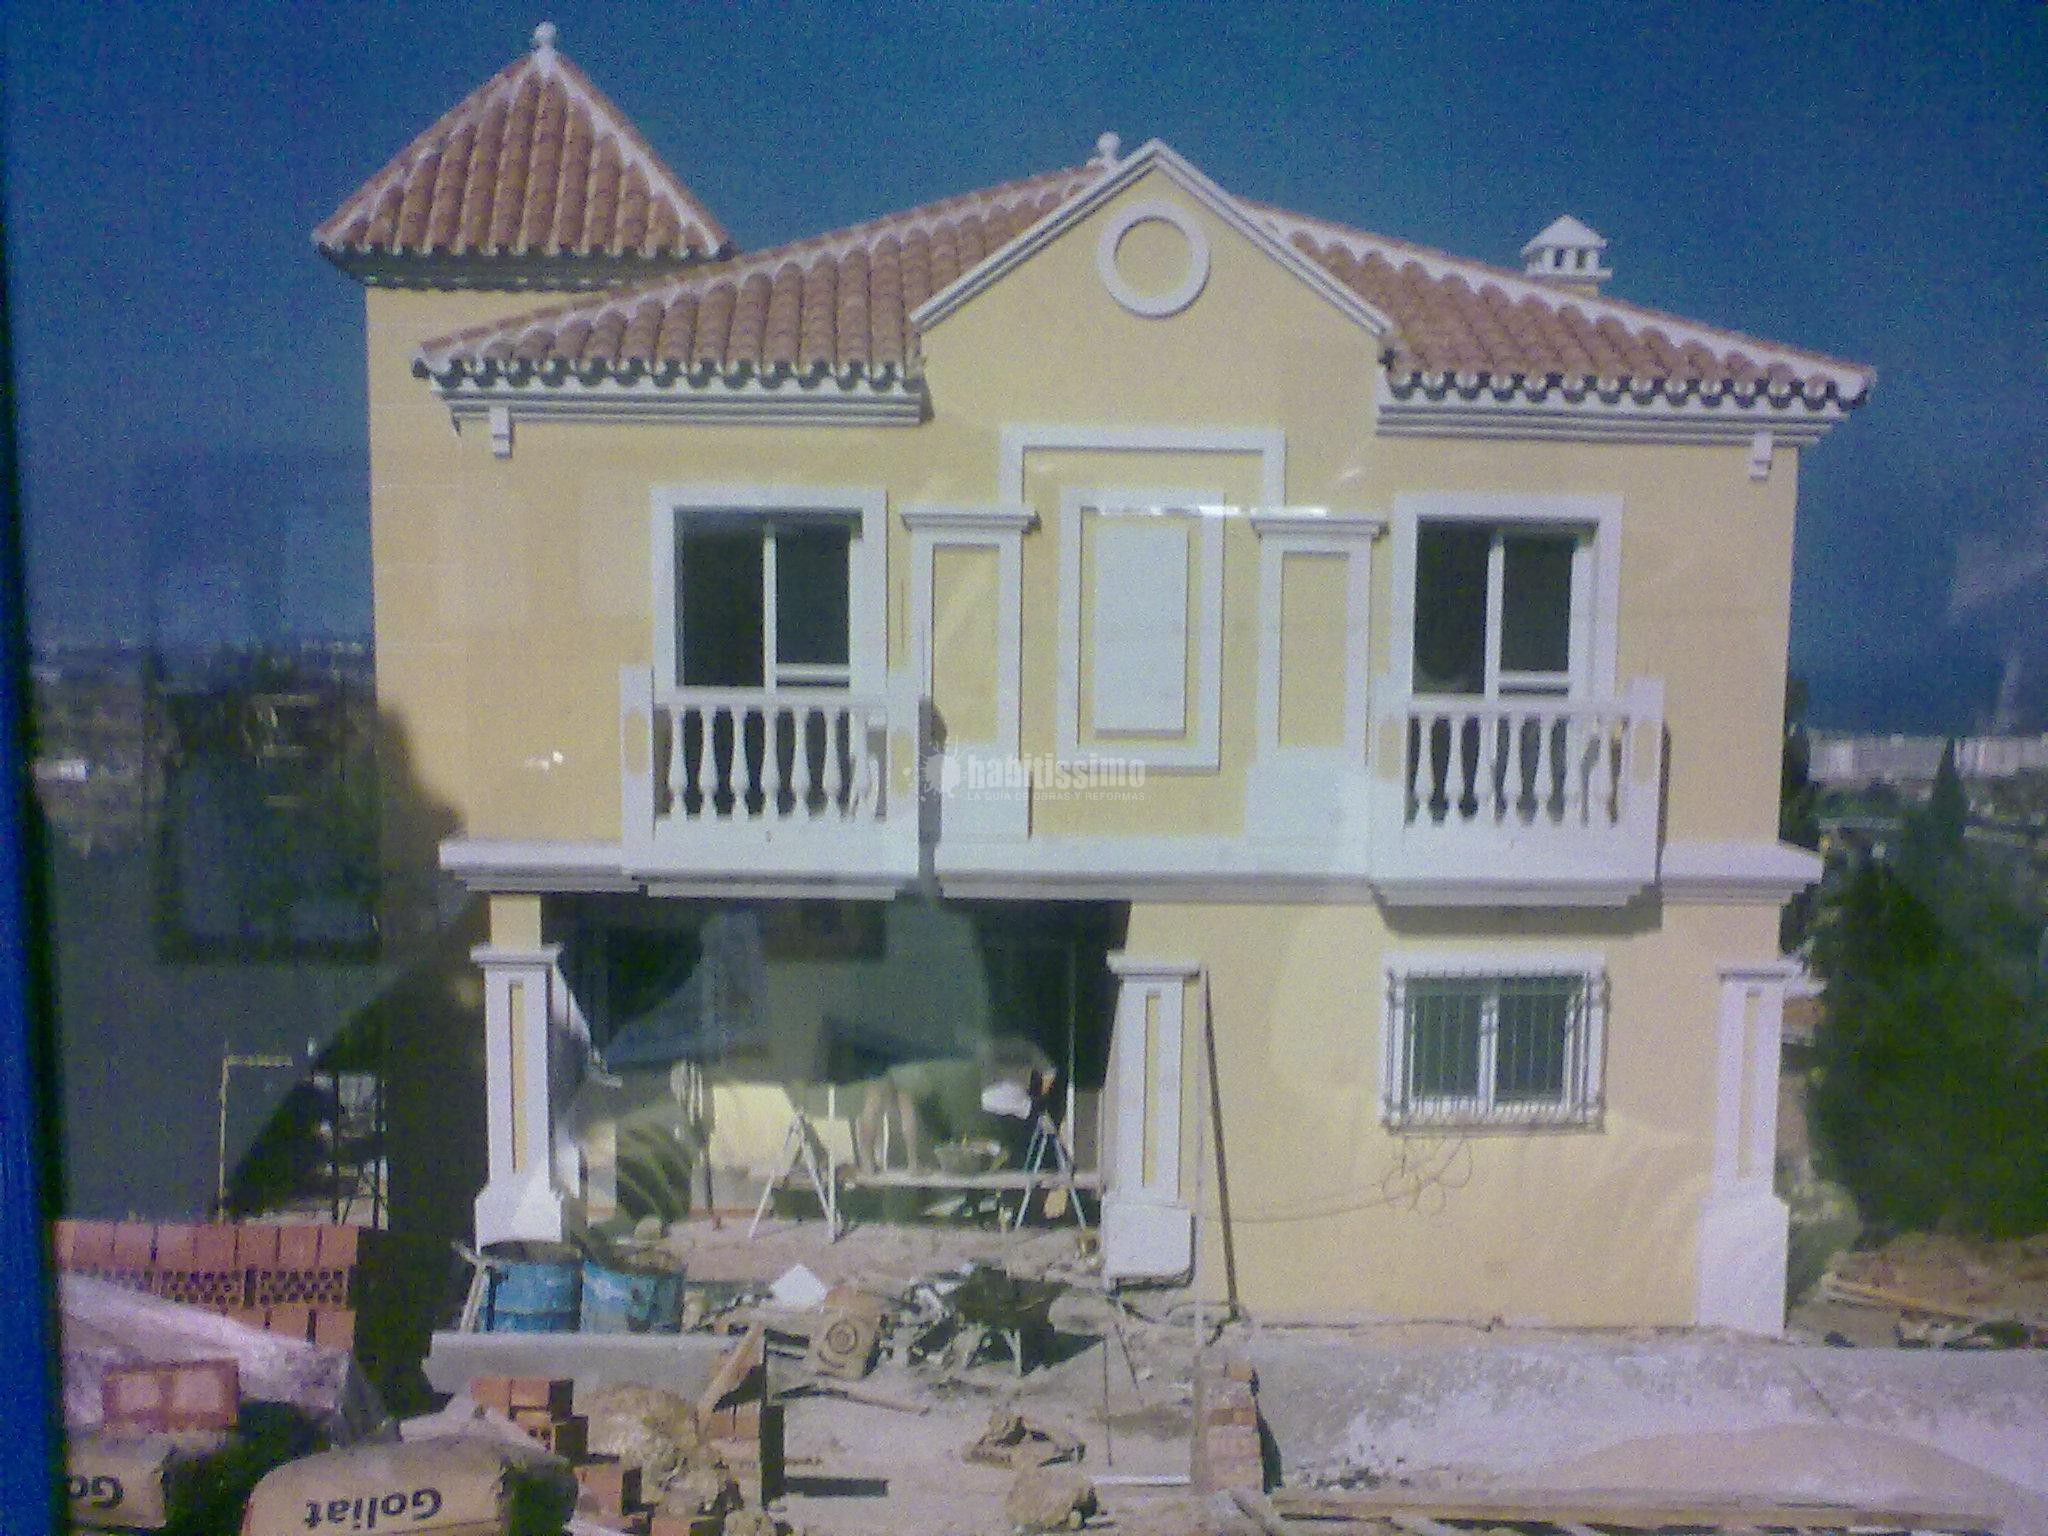 Construcciones Israsur.s.l.